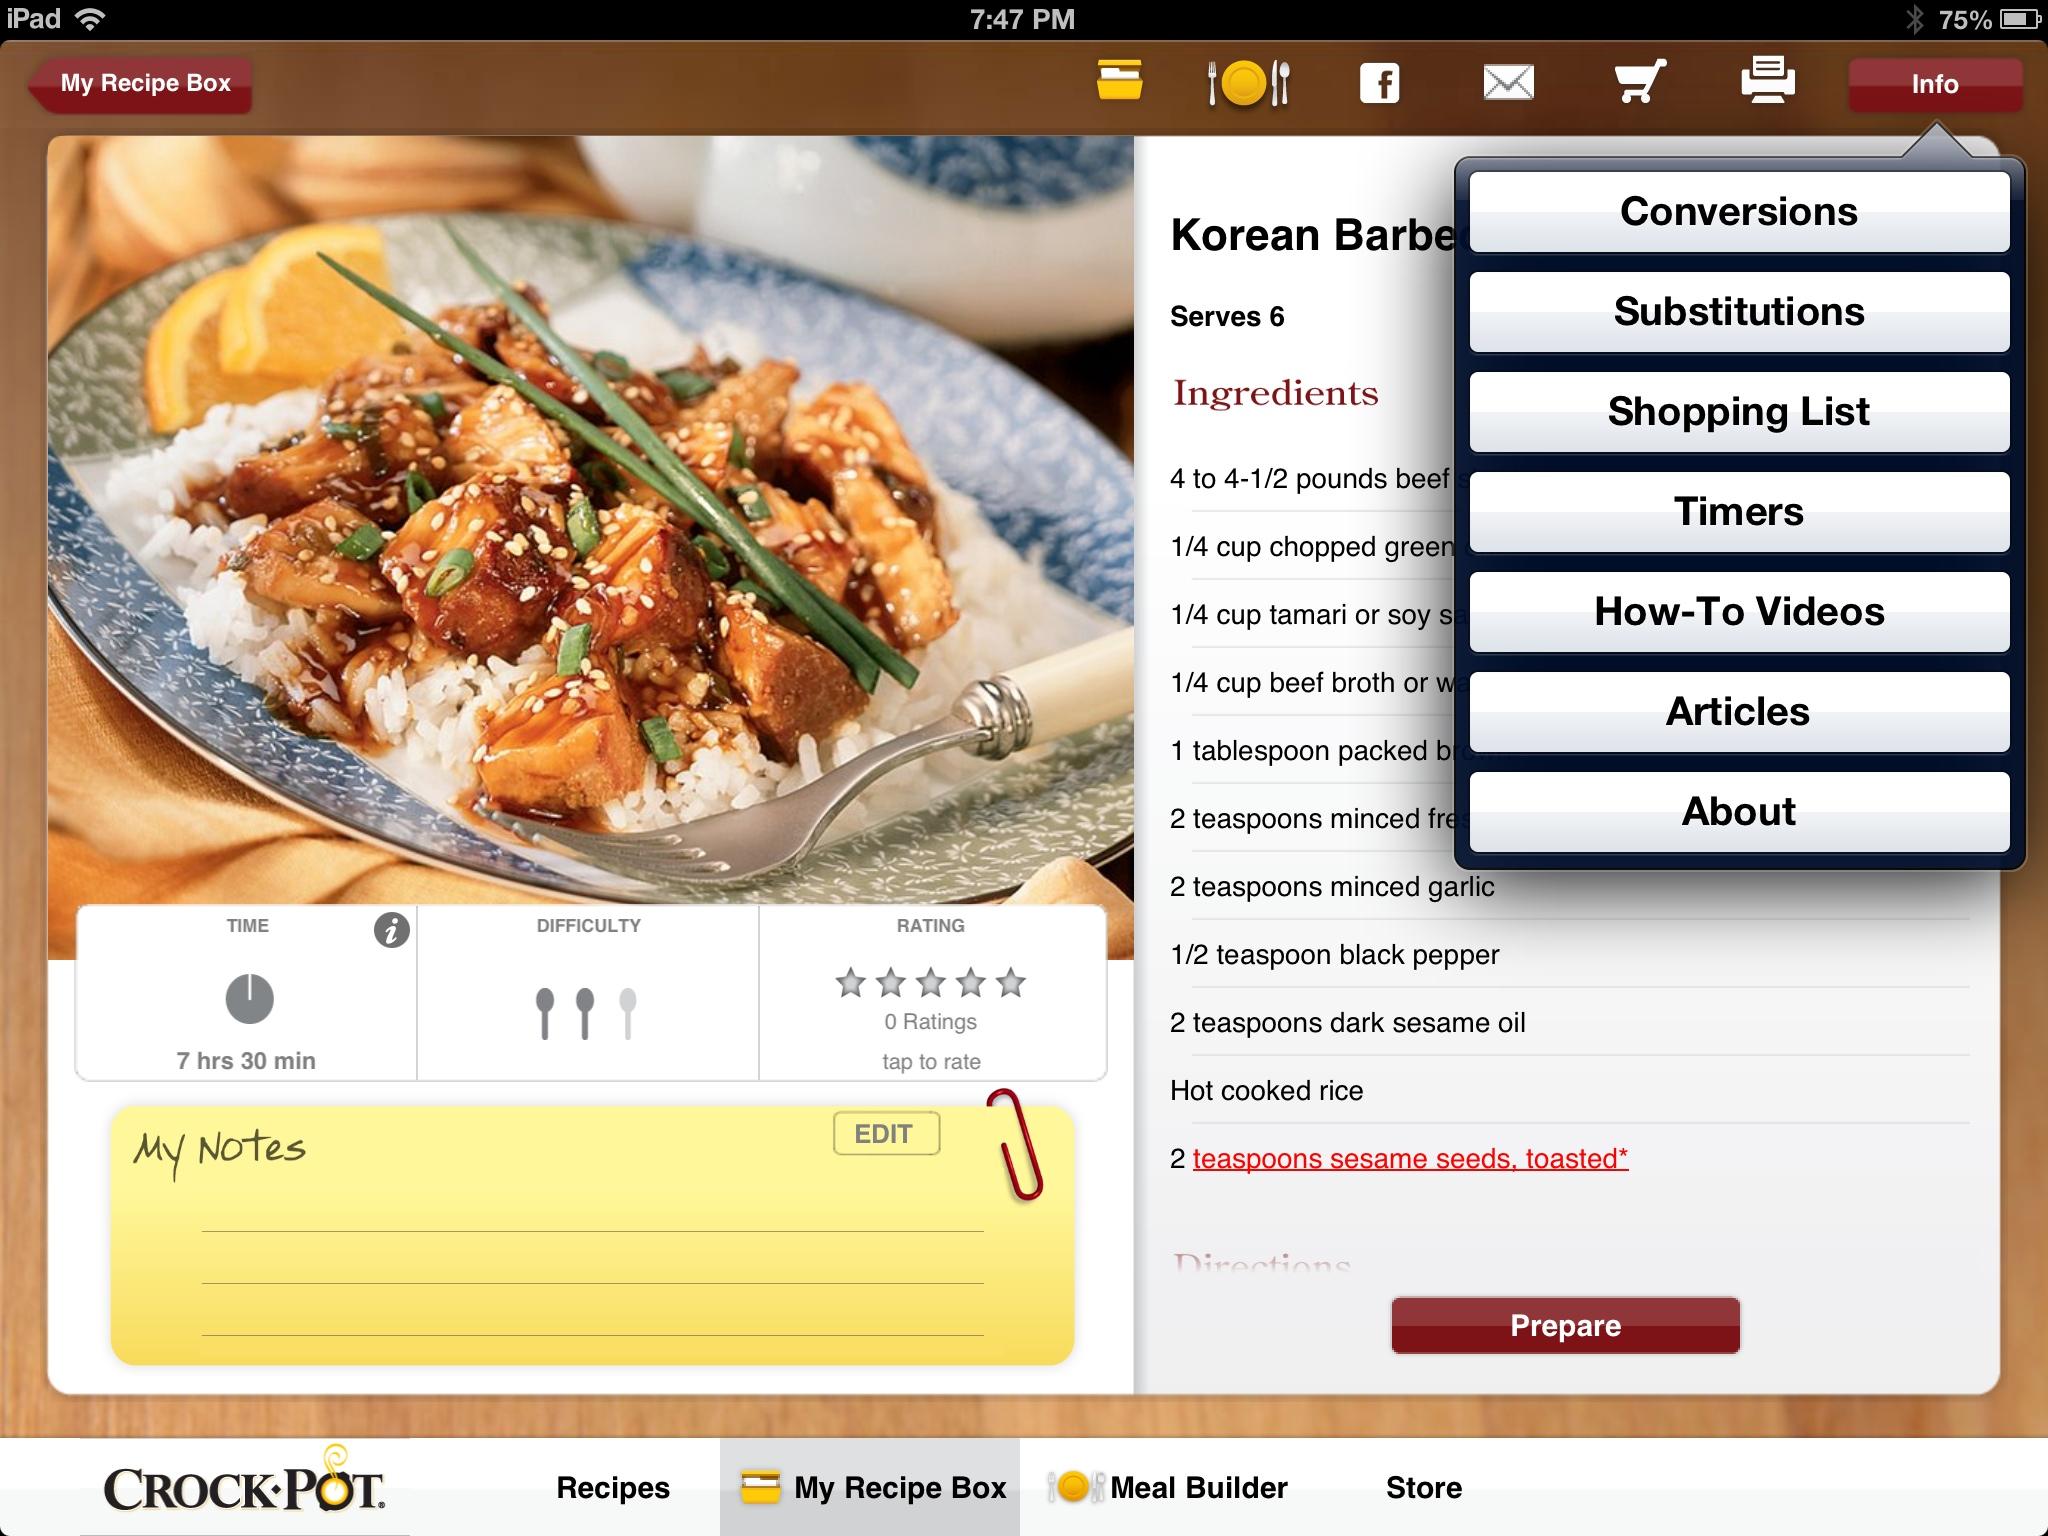 Crock pot recipe app review geardiary geardiary crock pot recipe app review forumfinder Choice Image